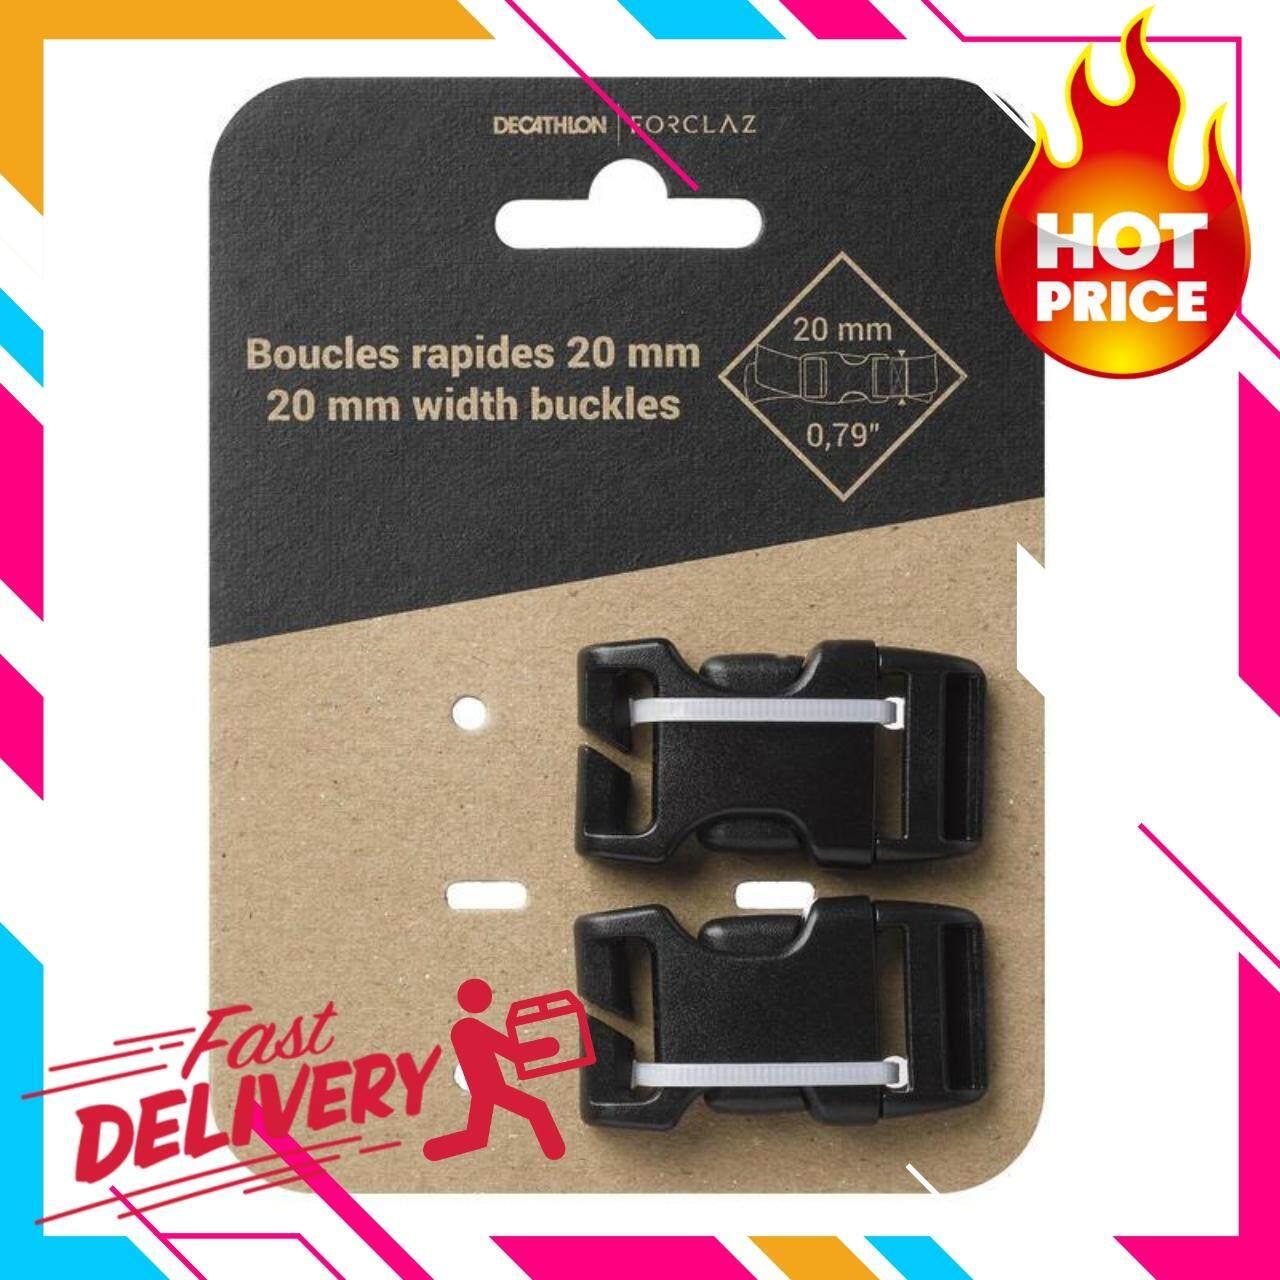 ((มีสินค้า)) กระเป๋ากันน้ำ 20 ลิตร (สีดำ) กระเป๋ากันน้ำ ที่สูบลม และอุปกรณ์ บอร์ดยืนพาย ไม้พาย เสื้อชูชีพ  ของแท้ 100% ราคาถูก